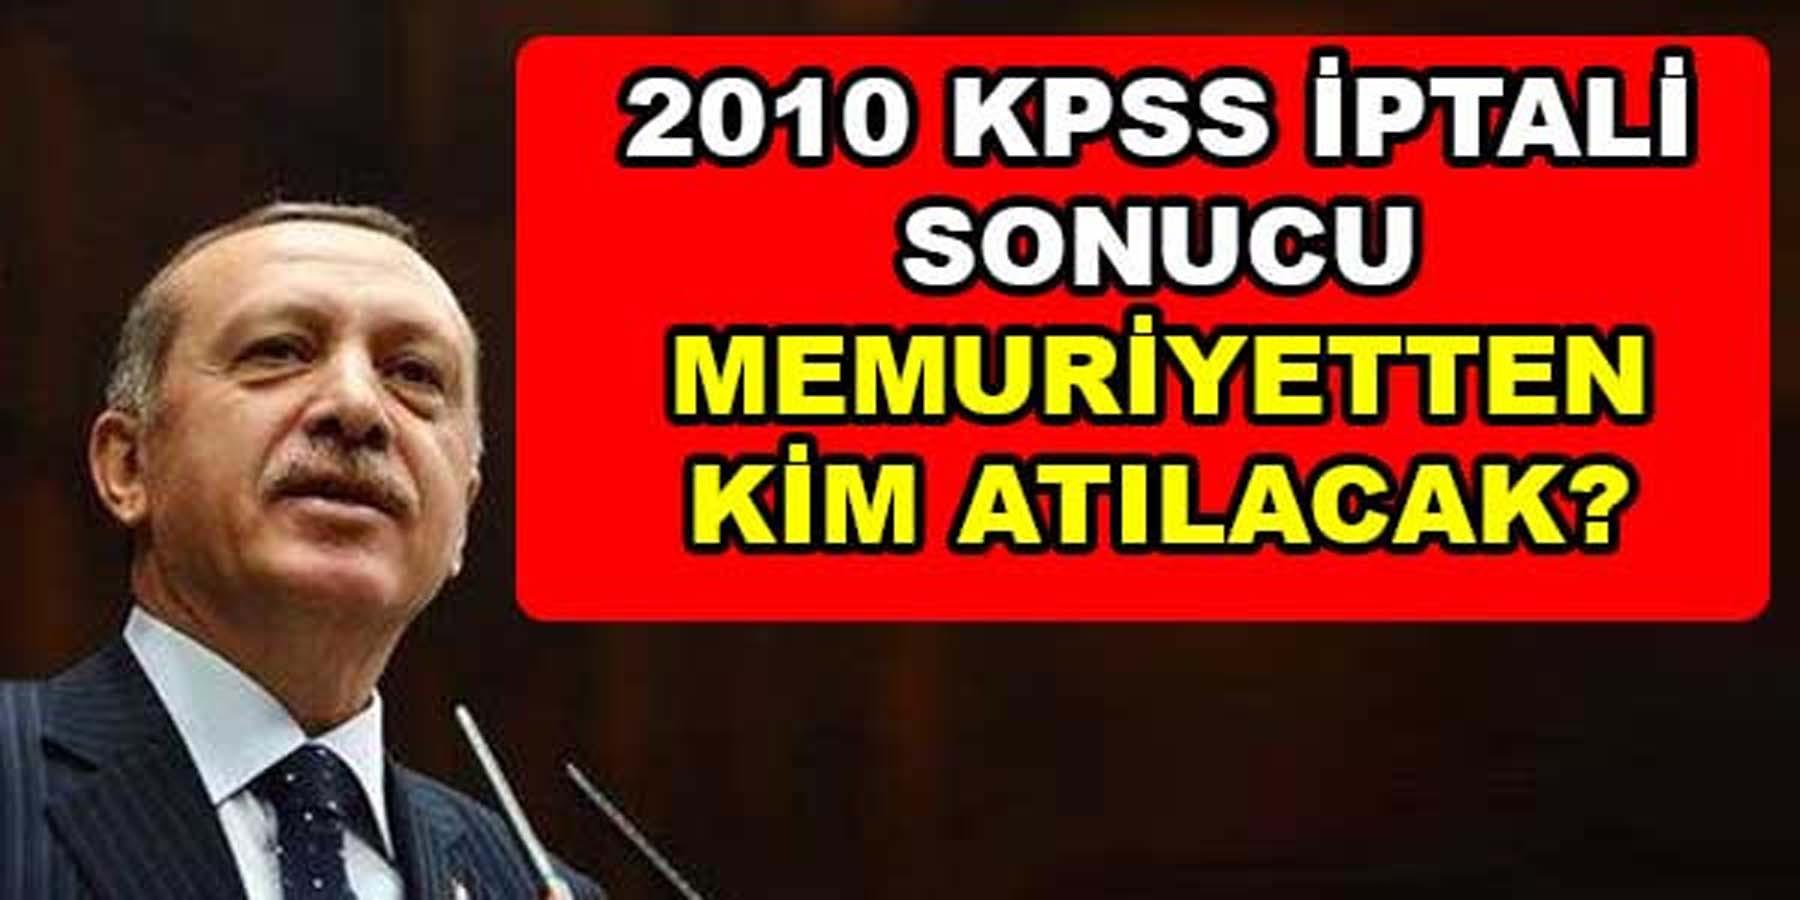 Cumhurbaşkanı Erdoğan'dan 2010 KPSS Açıklaması